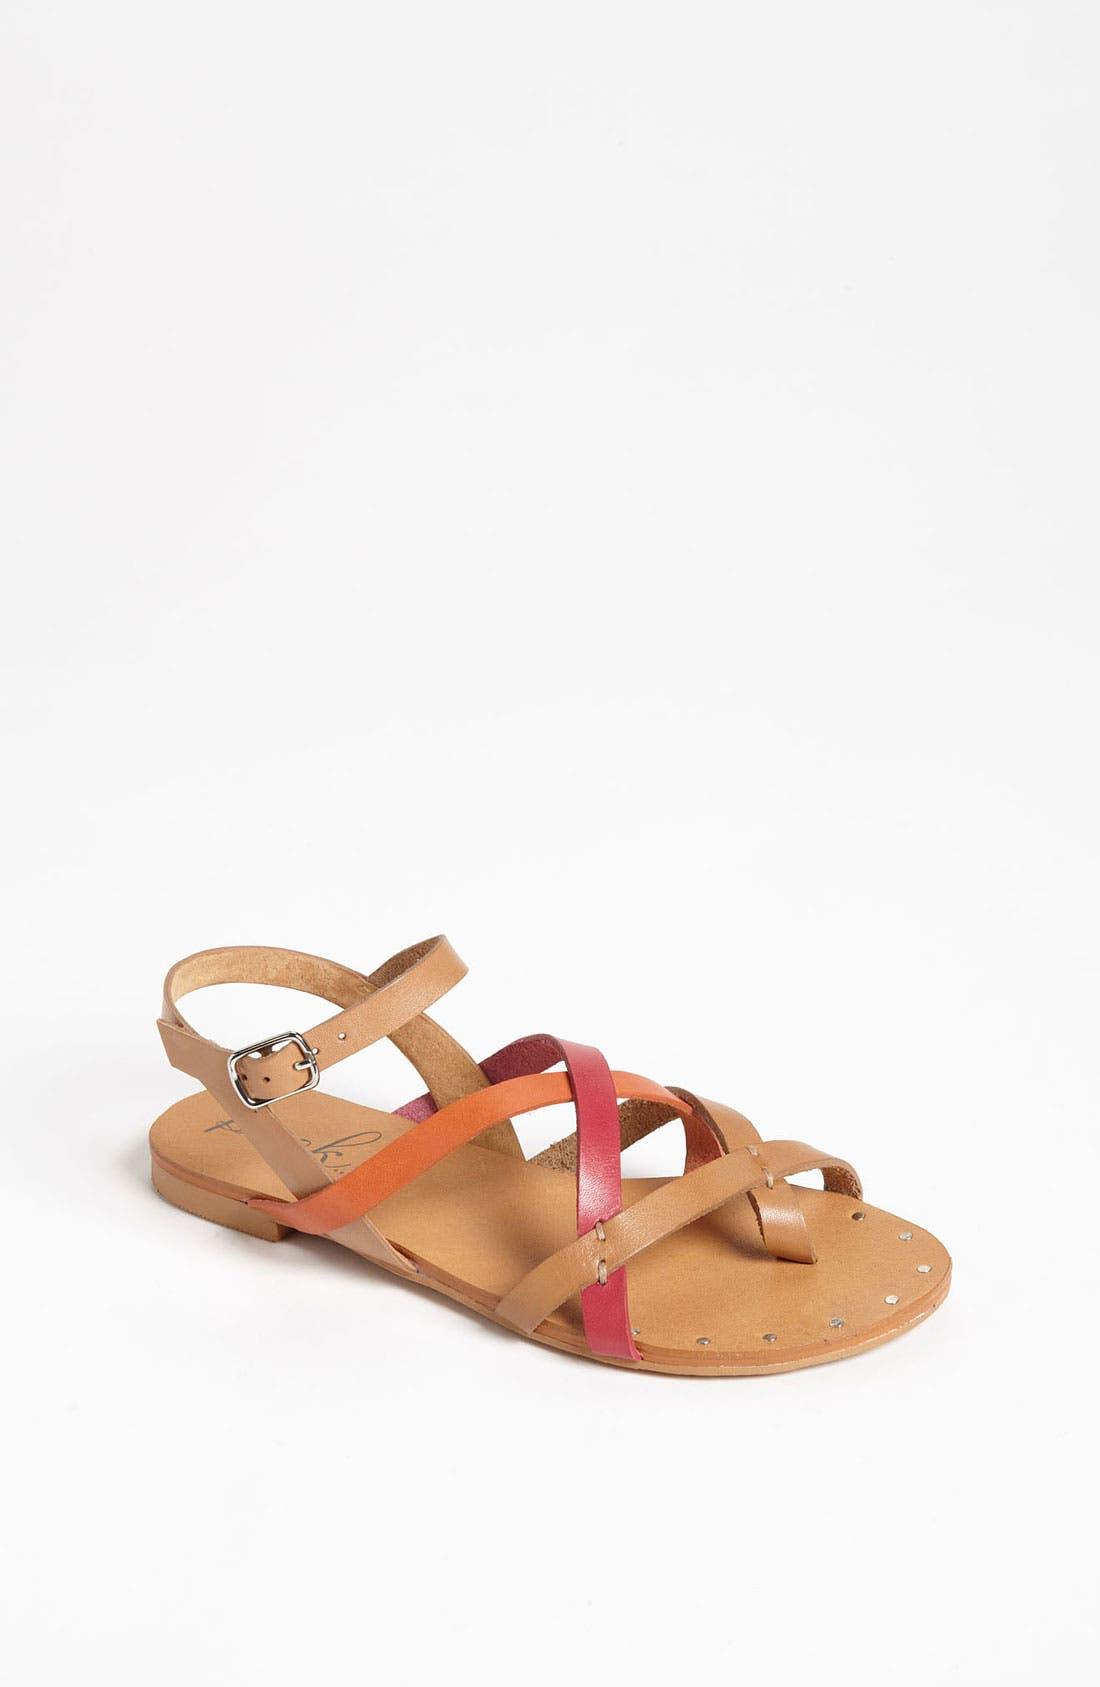 Alternate Image 1 Selected - Peek 'Magnolia' Leather Sandal (Toddler, Little Kid & Big Kid)